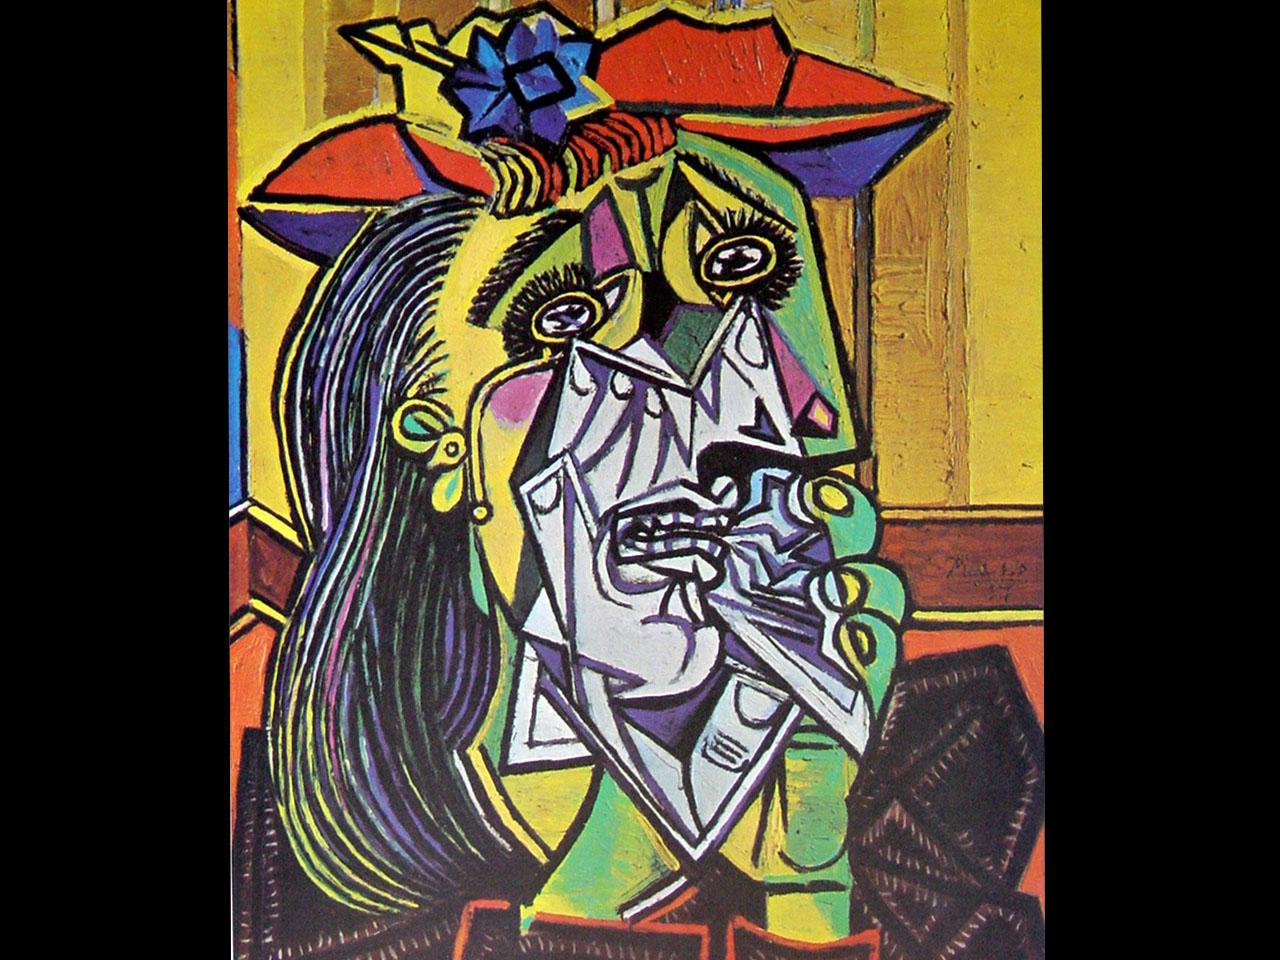 Le pire de Picasso Picasso+Pablo+1881+1973+La+femme+qui+pleure+1937